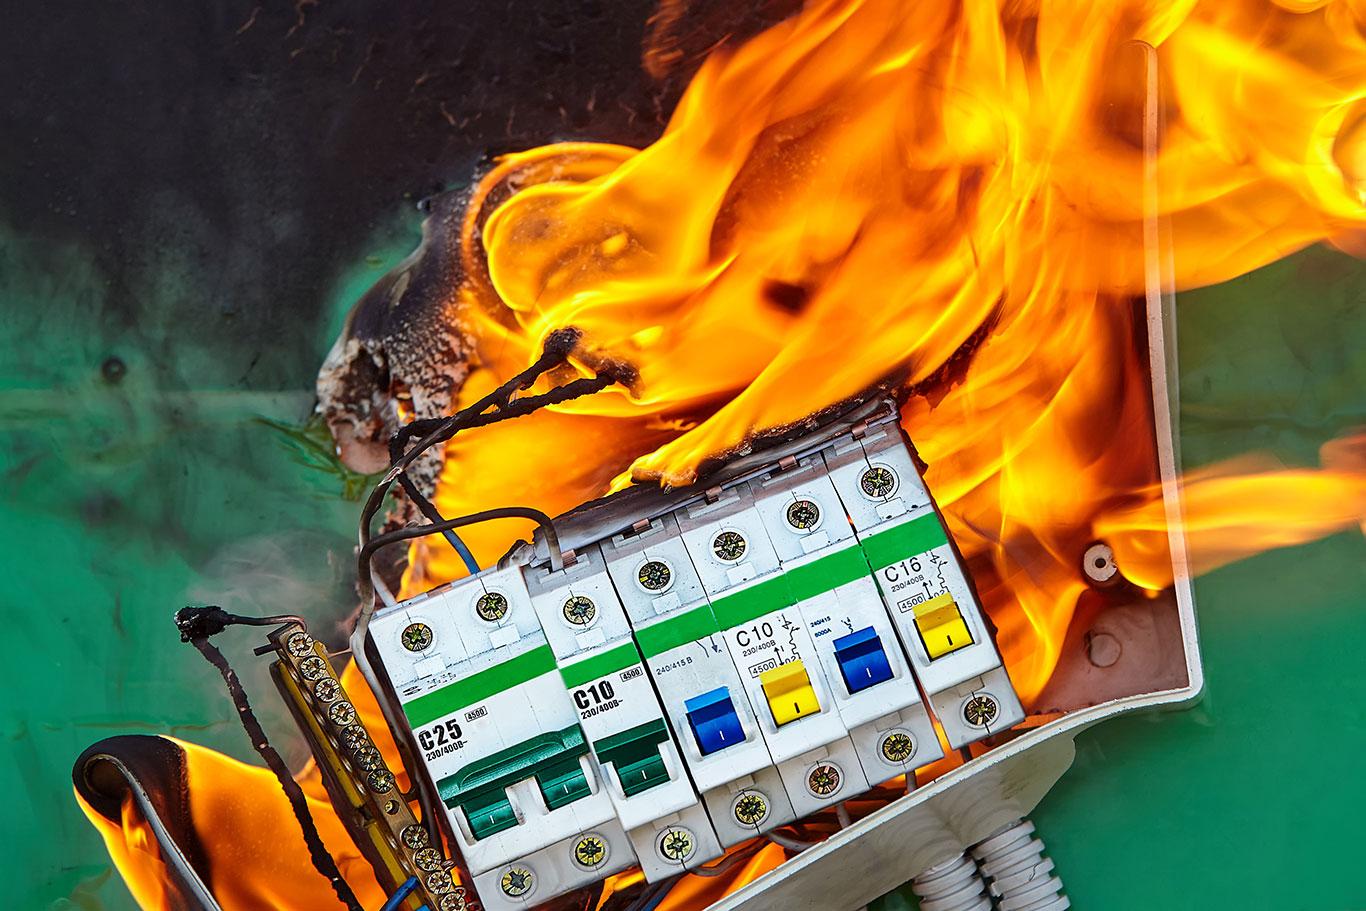 Circuit Breaker Is Bad